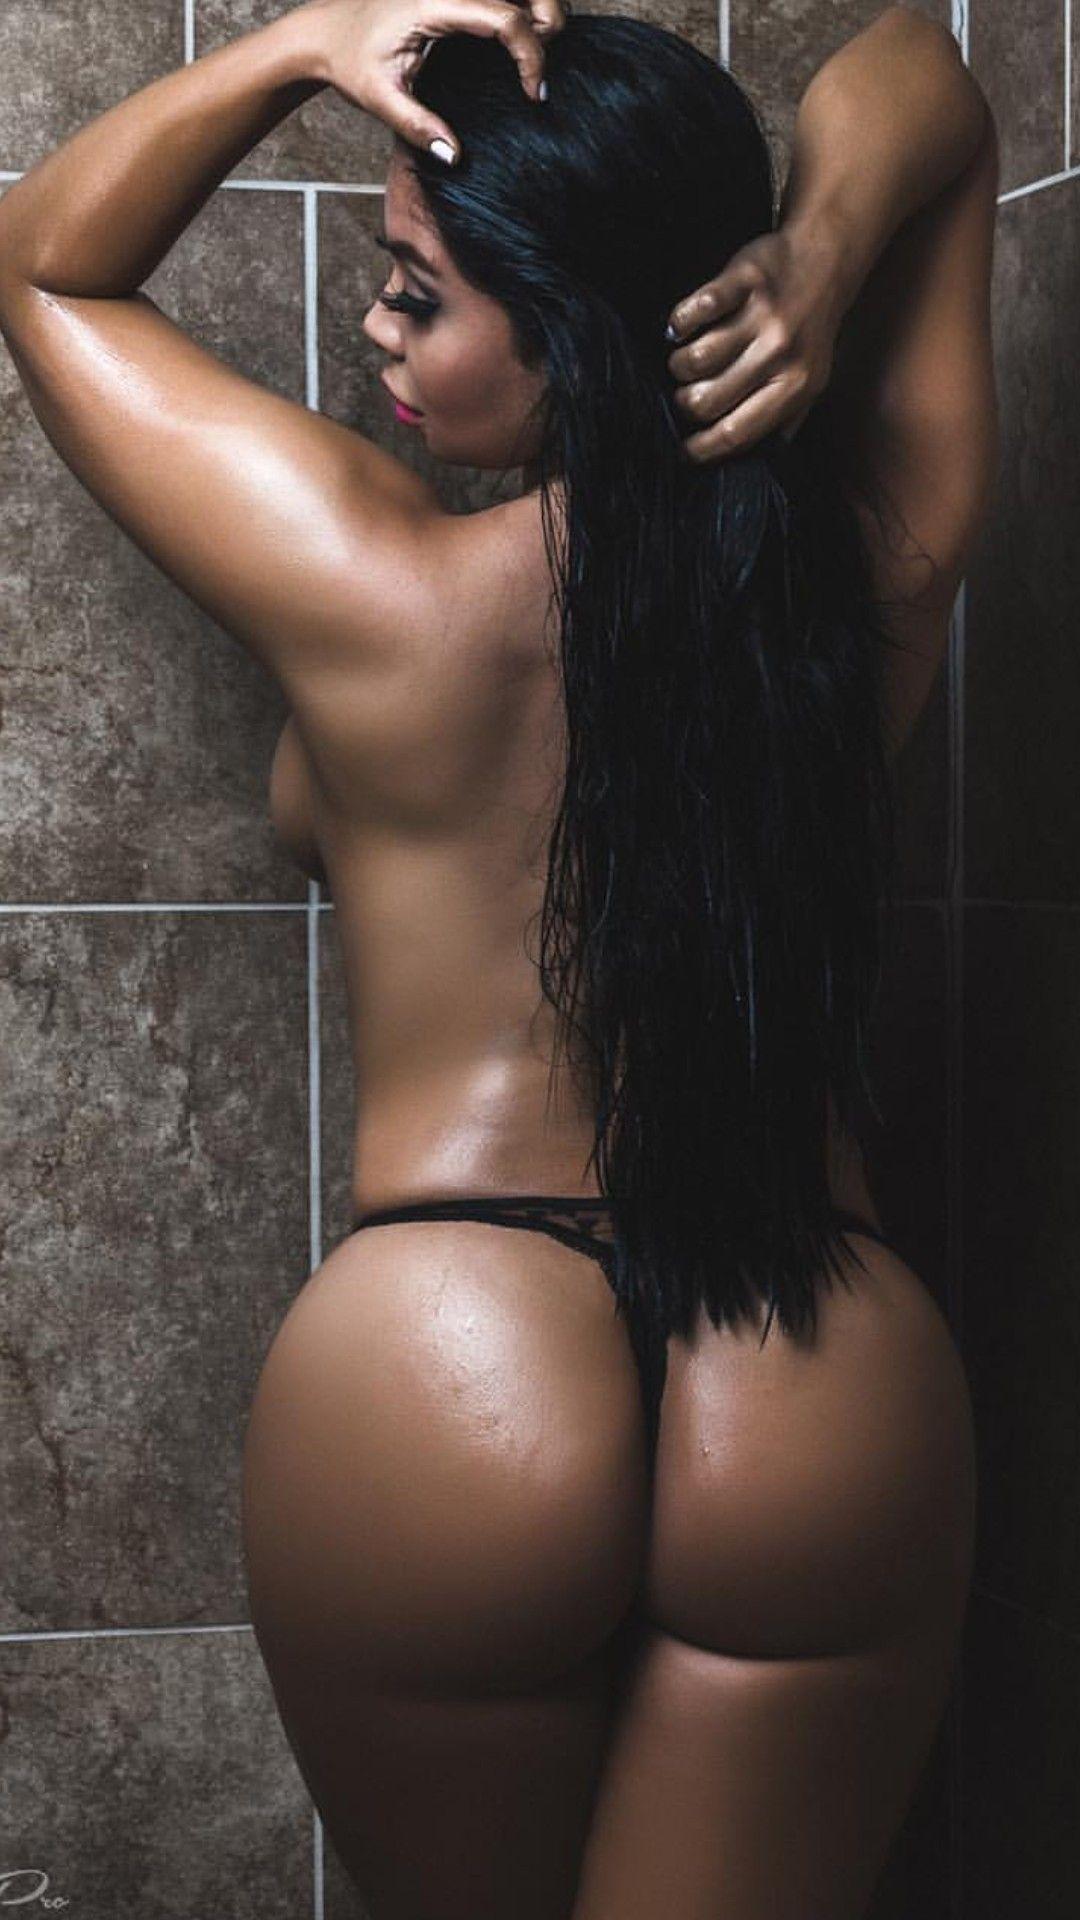 India dark latina ass rated pictures